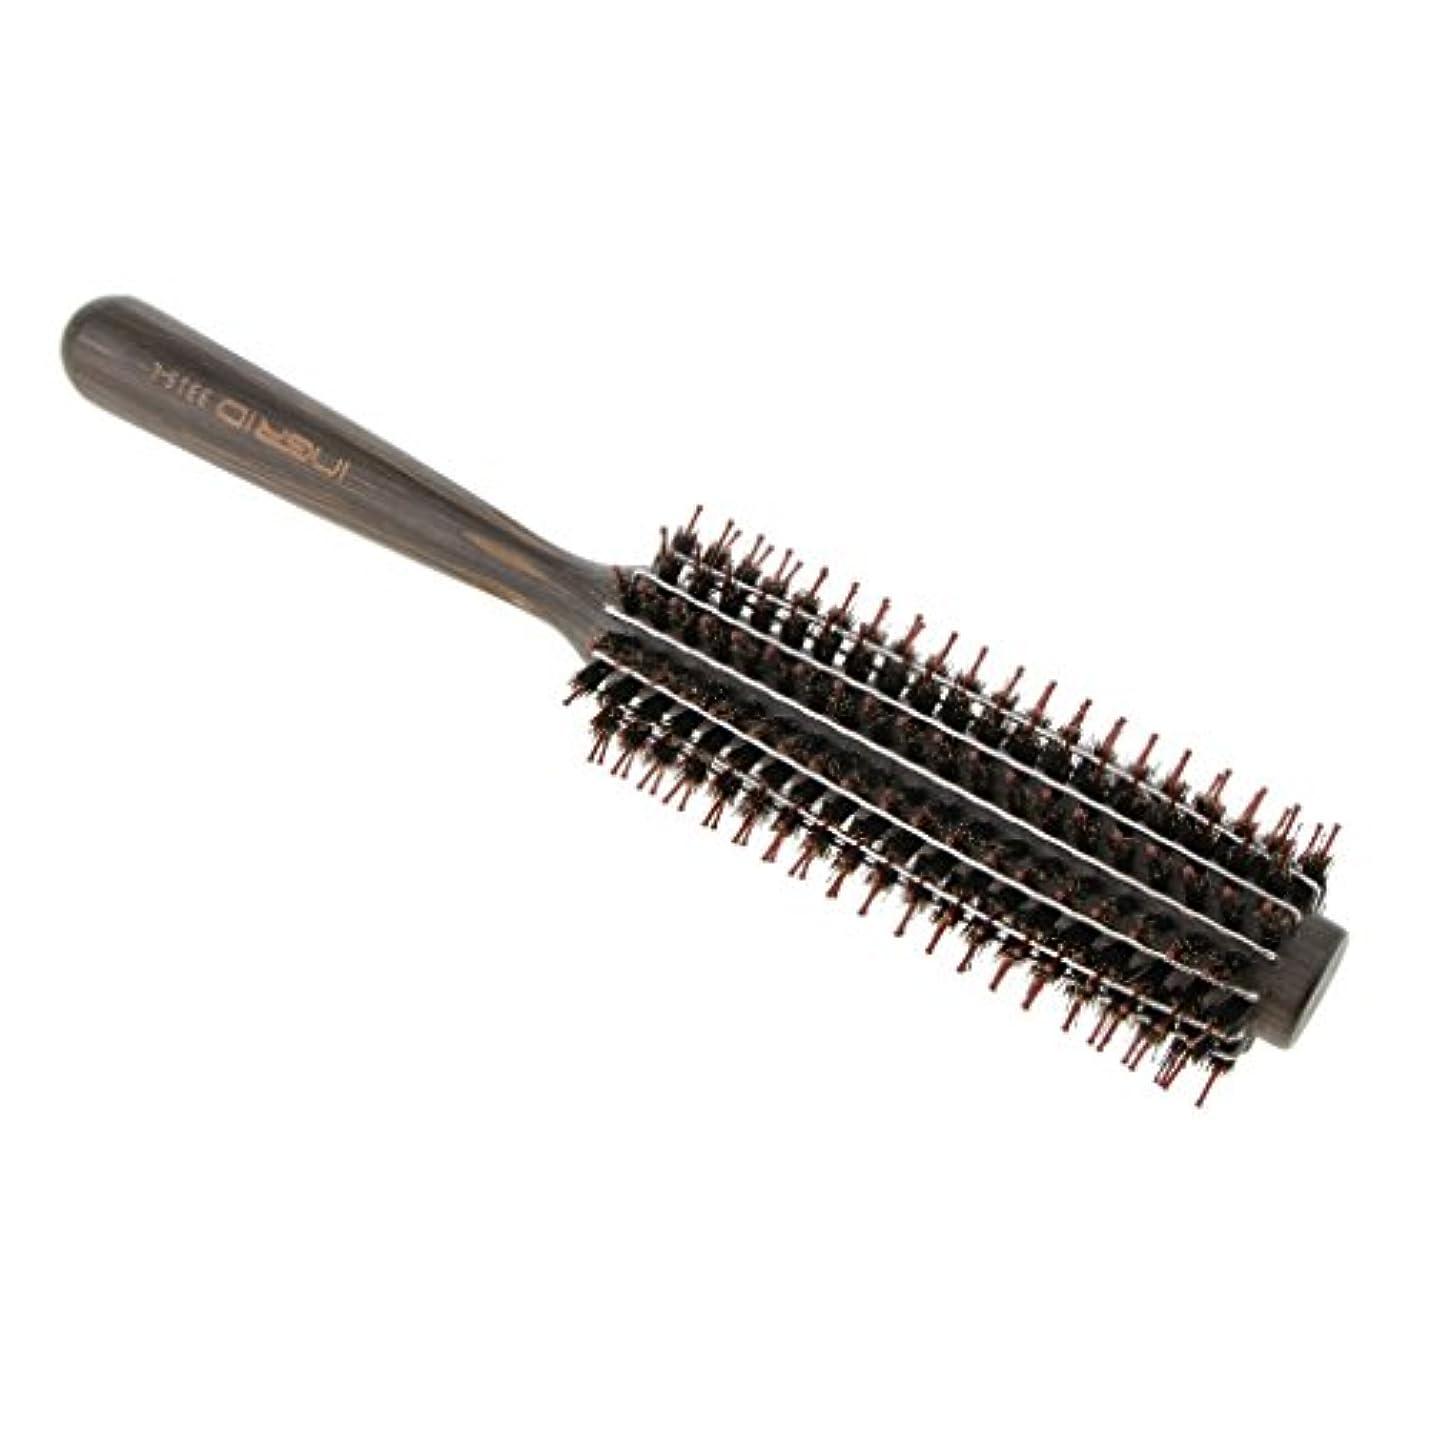 不満グラム露出度の高いPerfk ロールブラシ ヘアブラシ カール 巻き髪  ヘアコーム 3サイズ選べる  - L